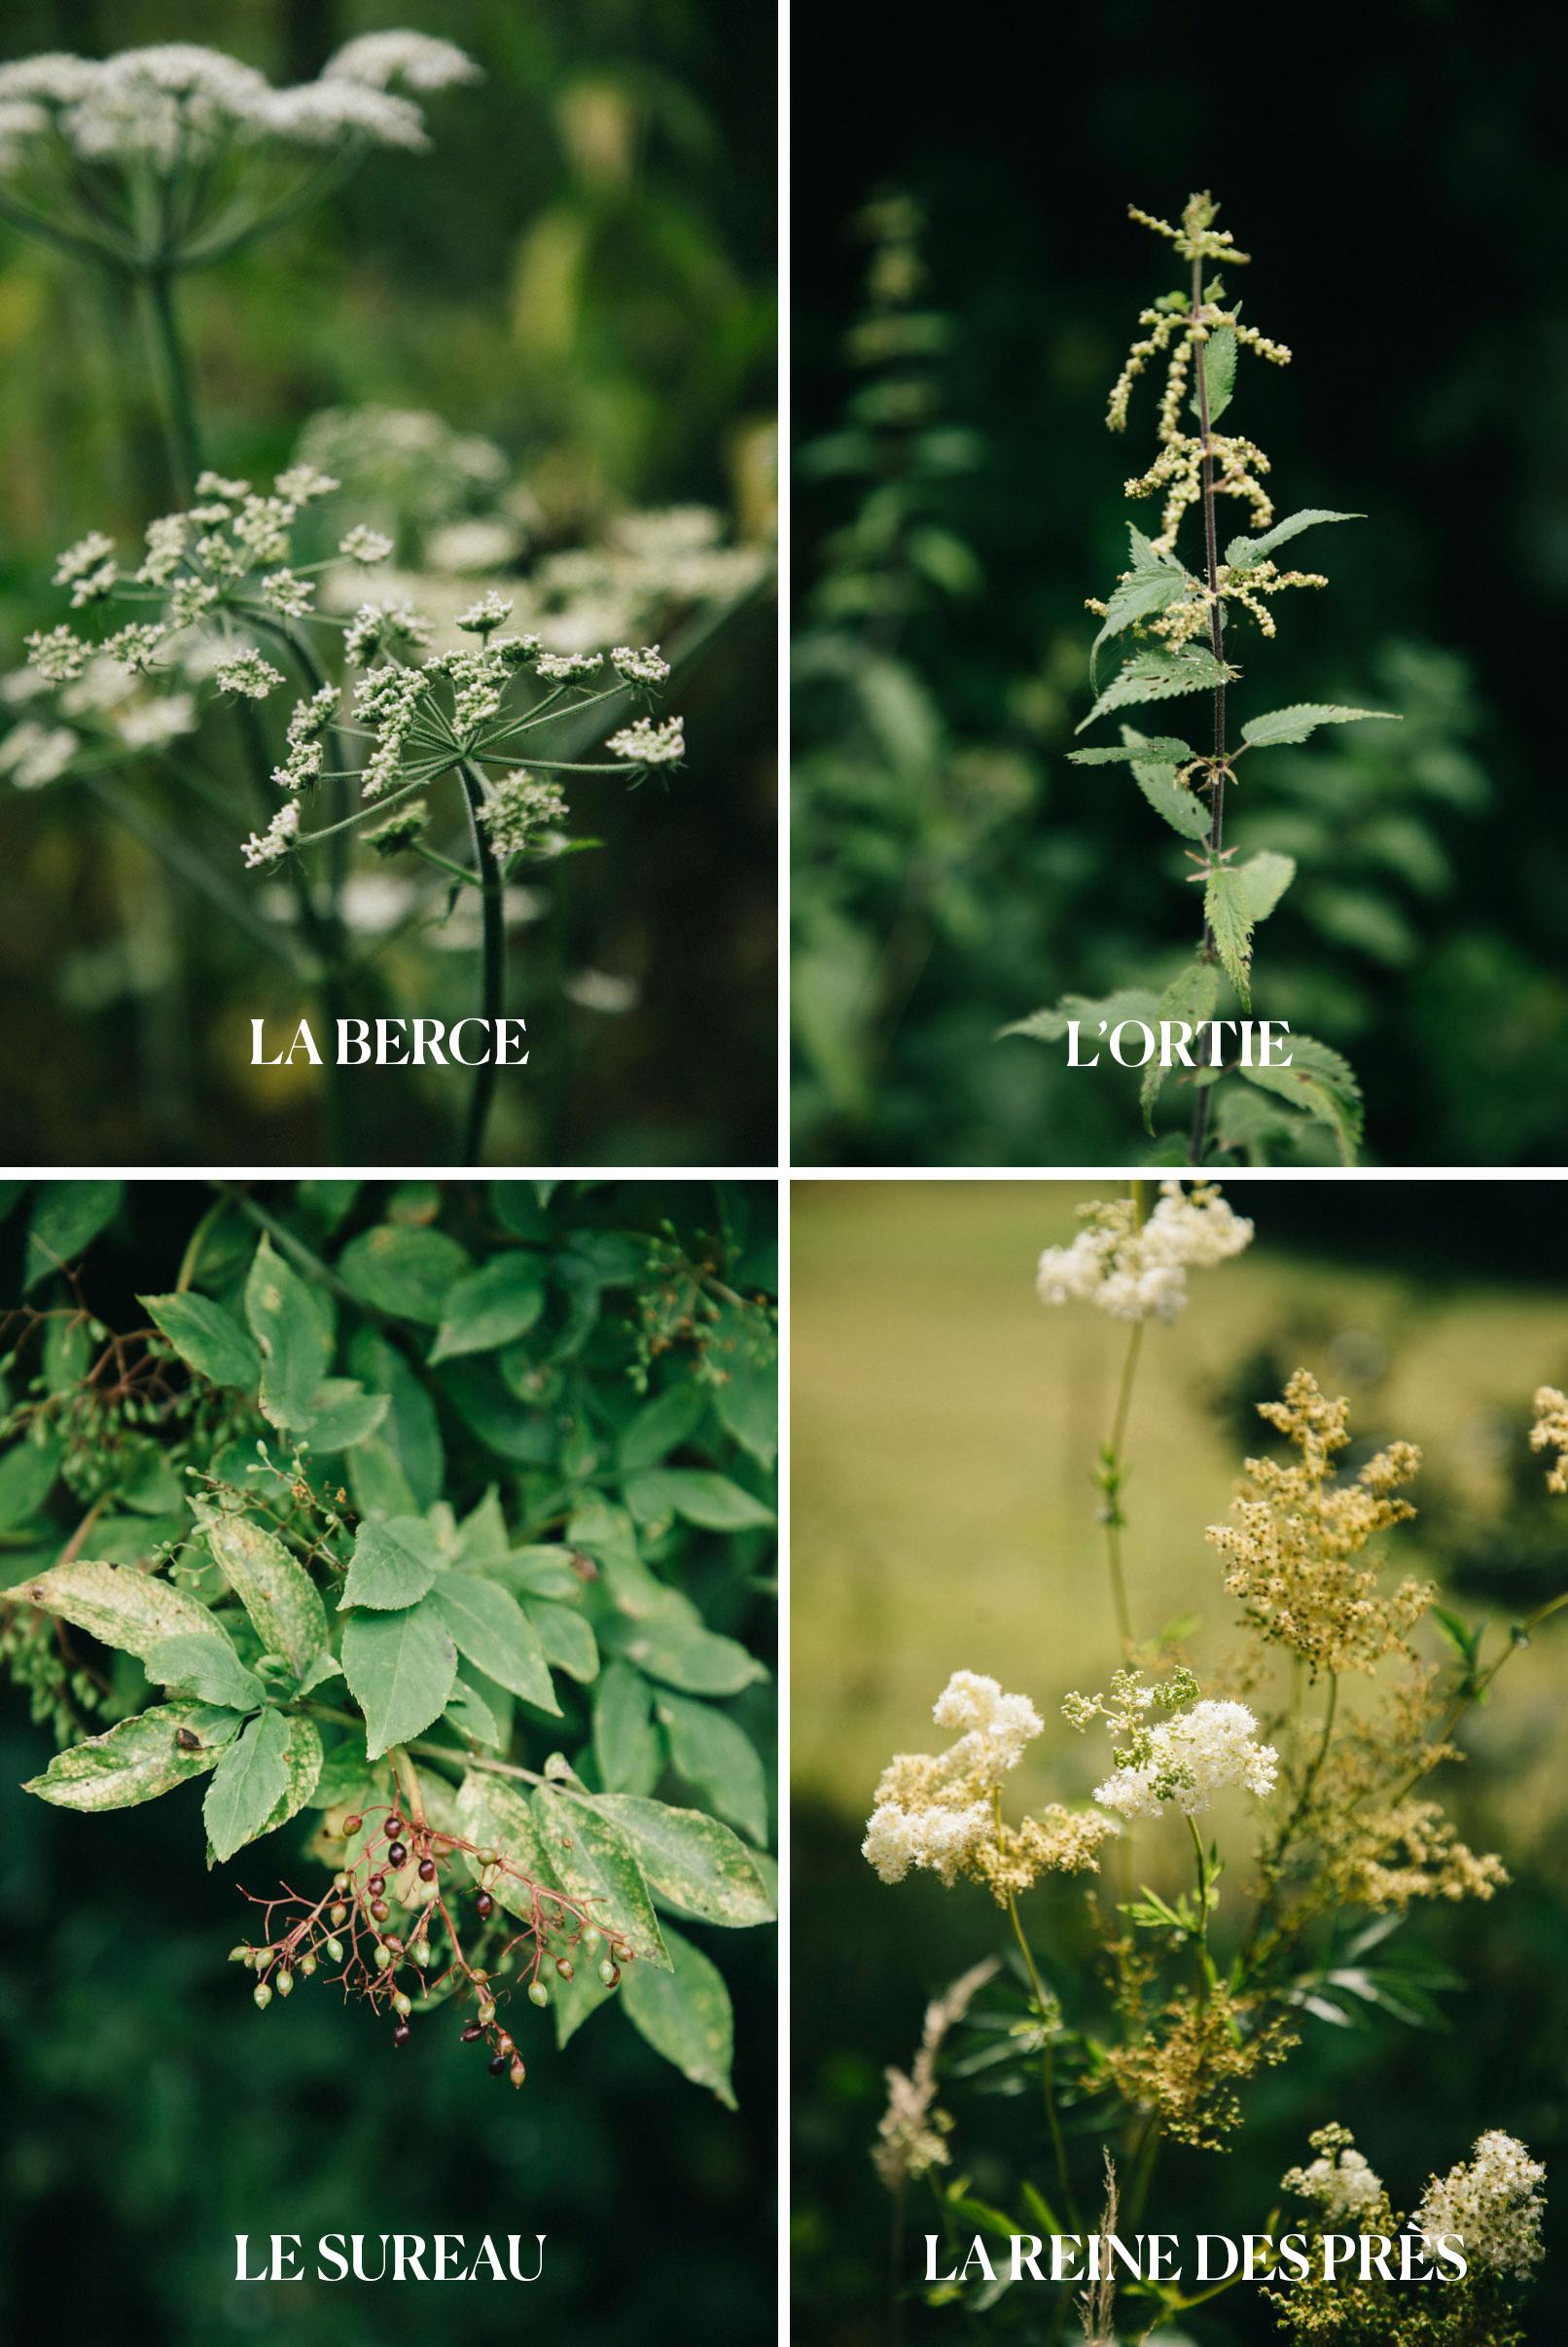 les plantes sauvages : sureau, ortie, reine des près, berce